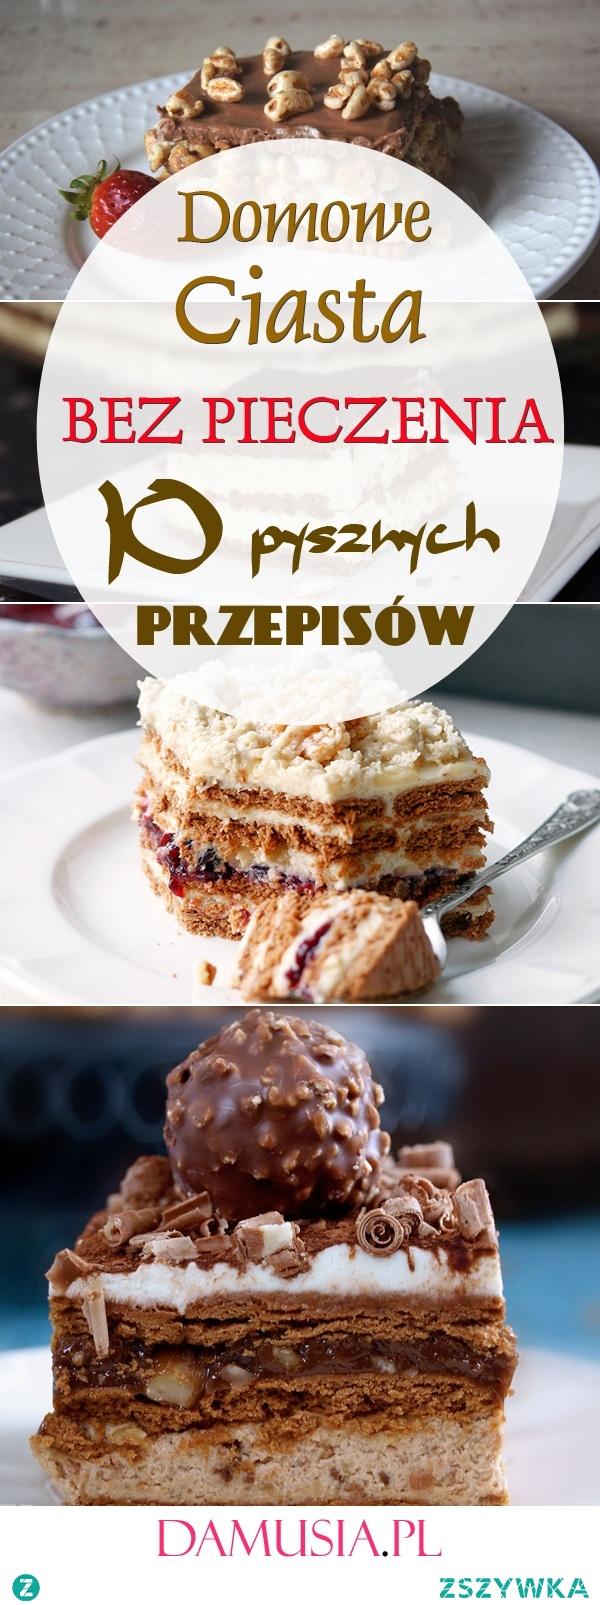 Domowe Ciasta Bez Pieczenia: 10 Pysznych Przepisów